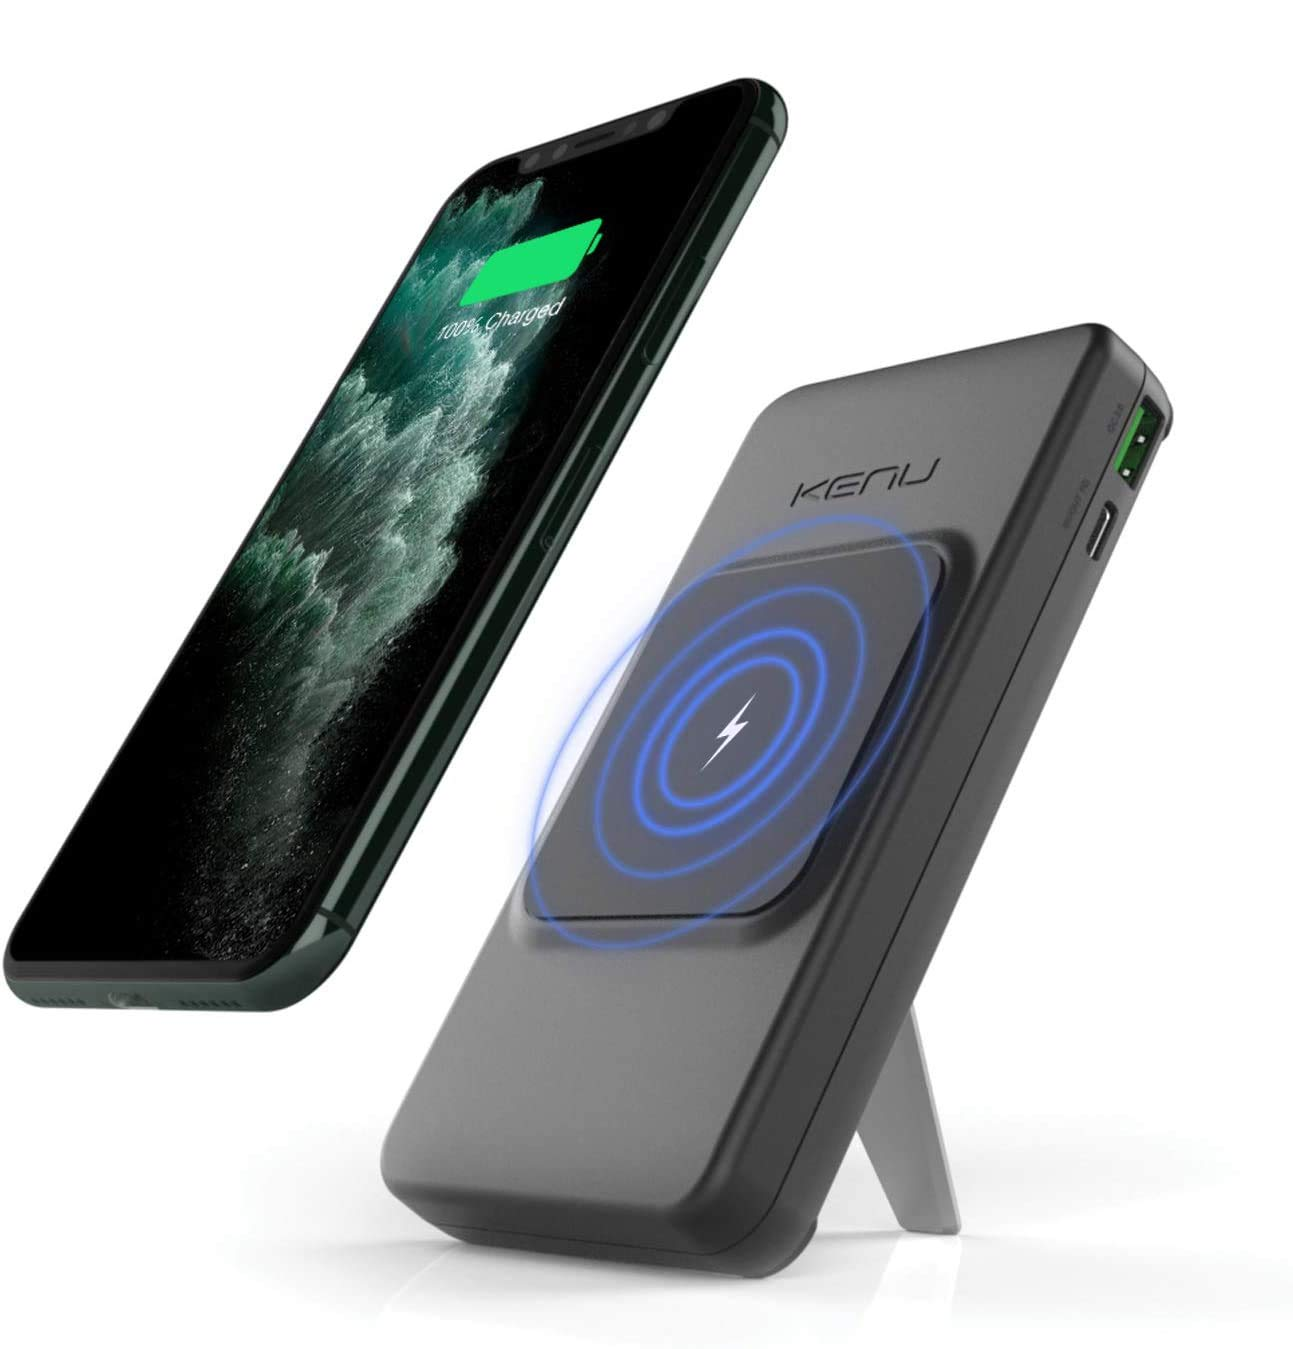 Kenu Bingebank Power Bank Wireless Charger + Kickstand | All Wireless Charging iPhones 12/11/X/8, Samsung and Pixel Phones.